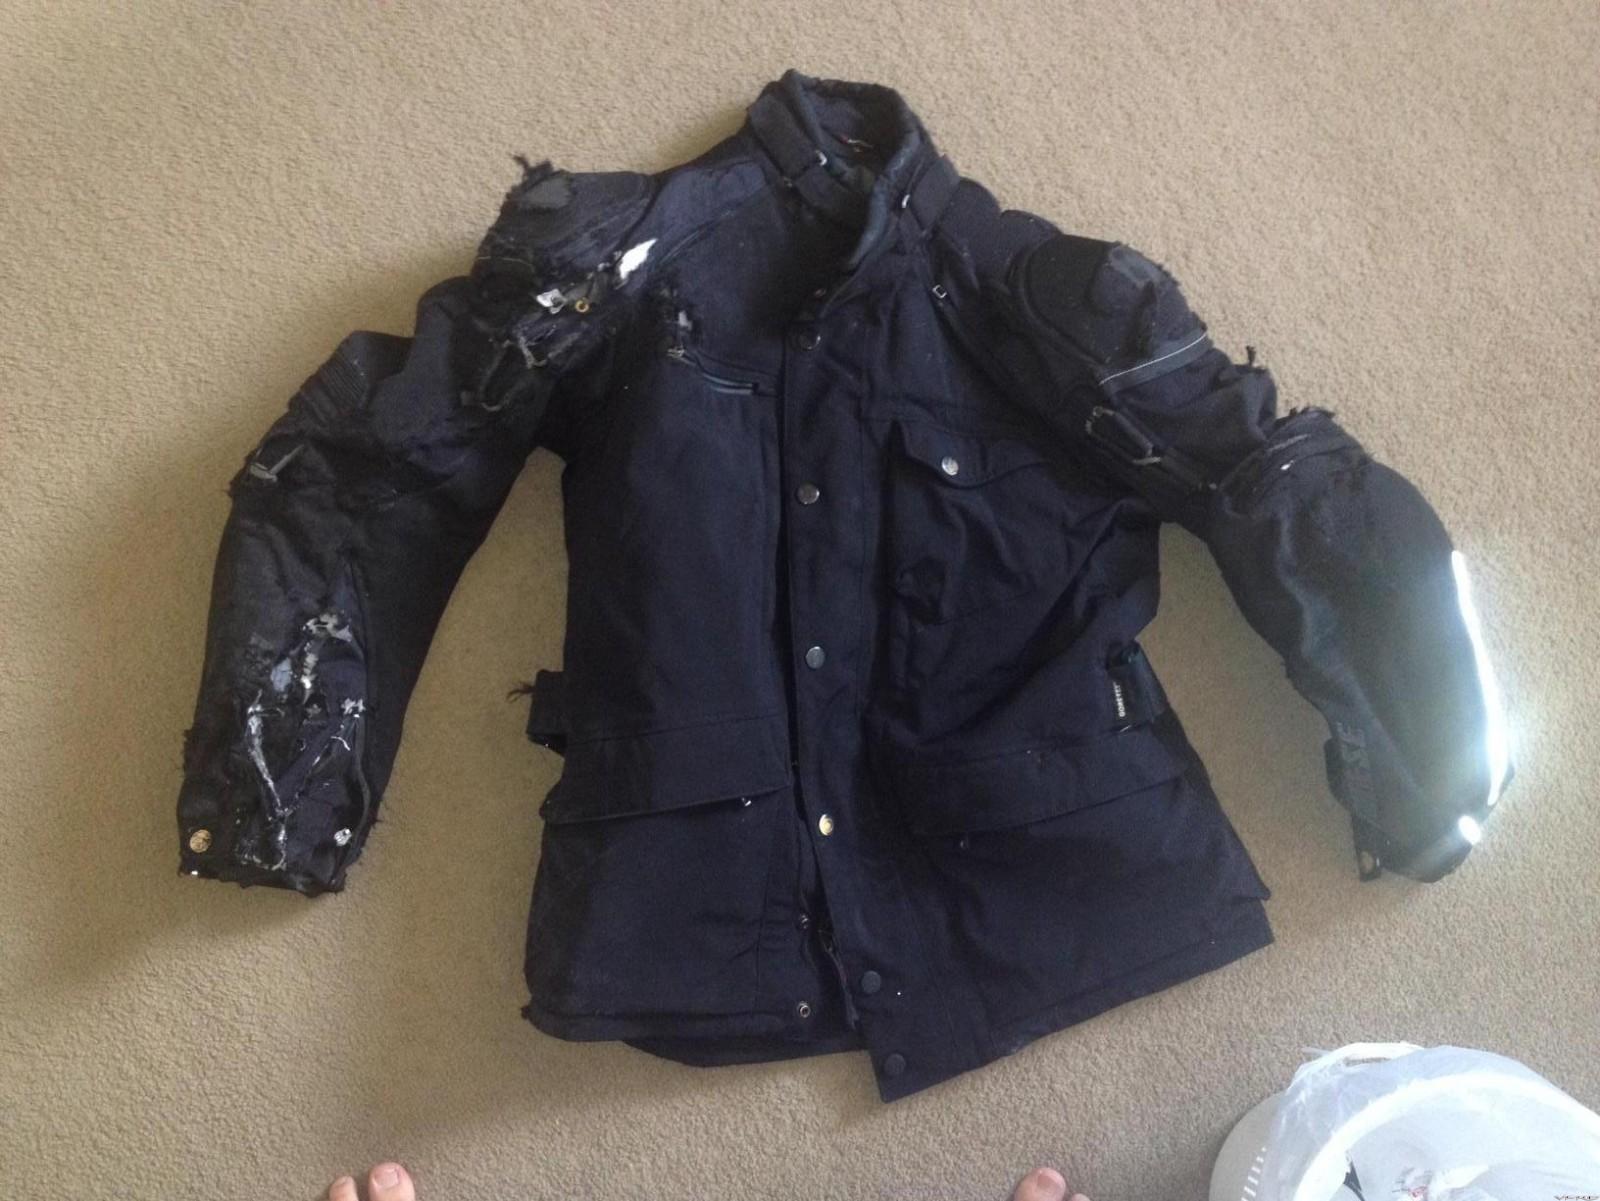 Jacket - Dainese Gator Evo